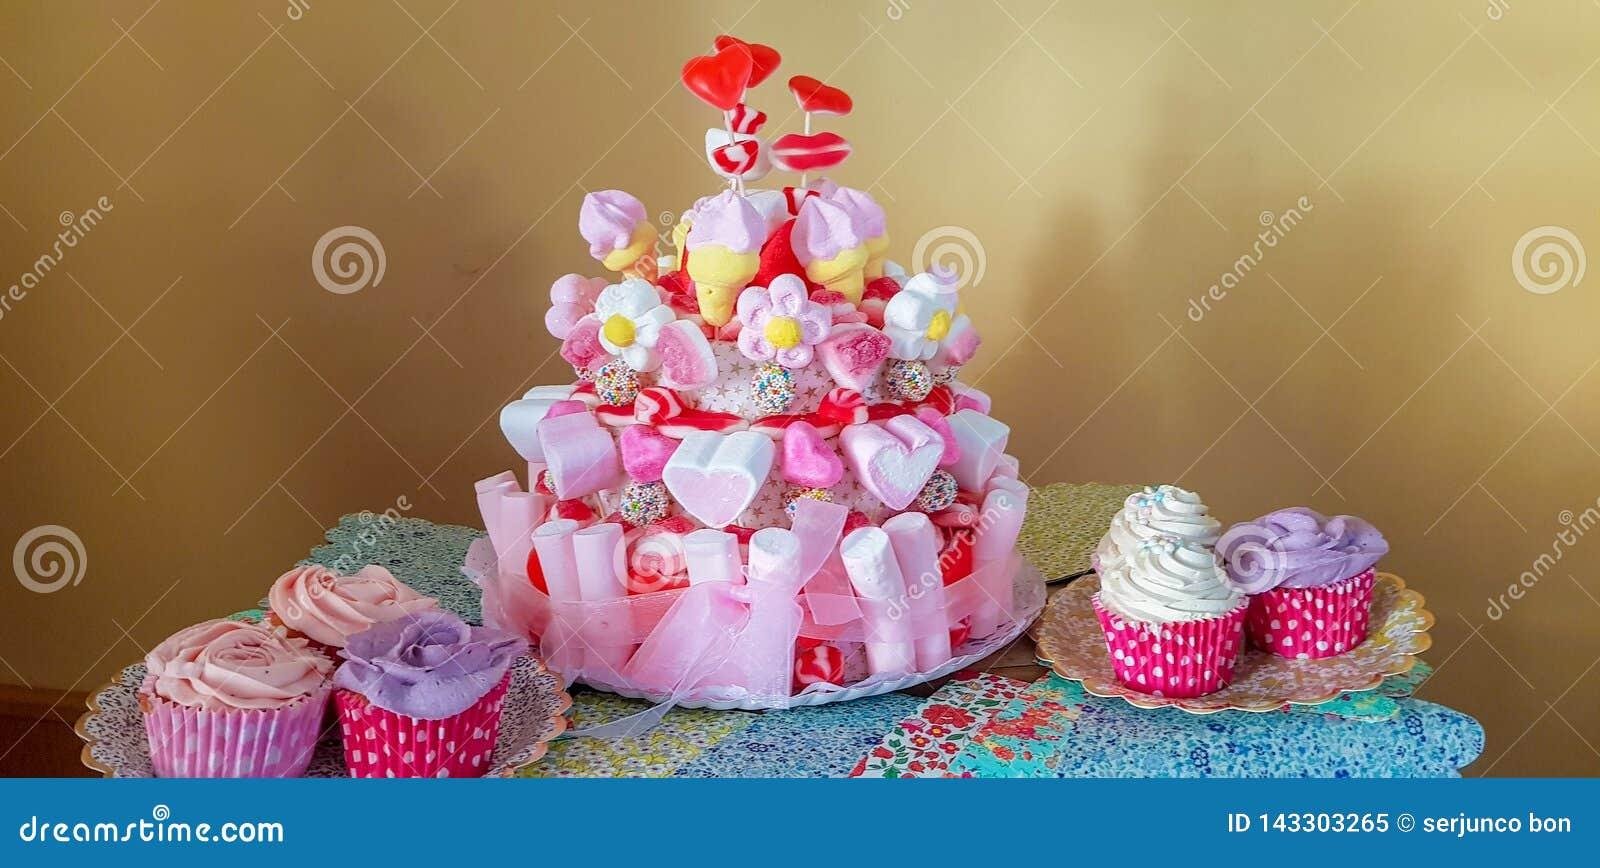 Retrato de las fuentes de la fiesta de cumpleaños esquina dulce con la torta, los polos, las galletas y el caramelo